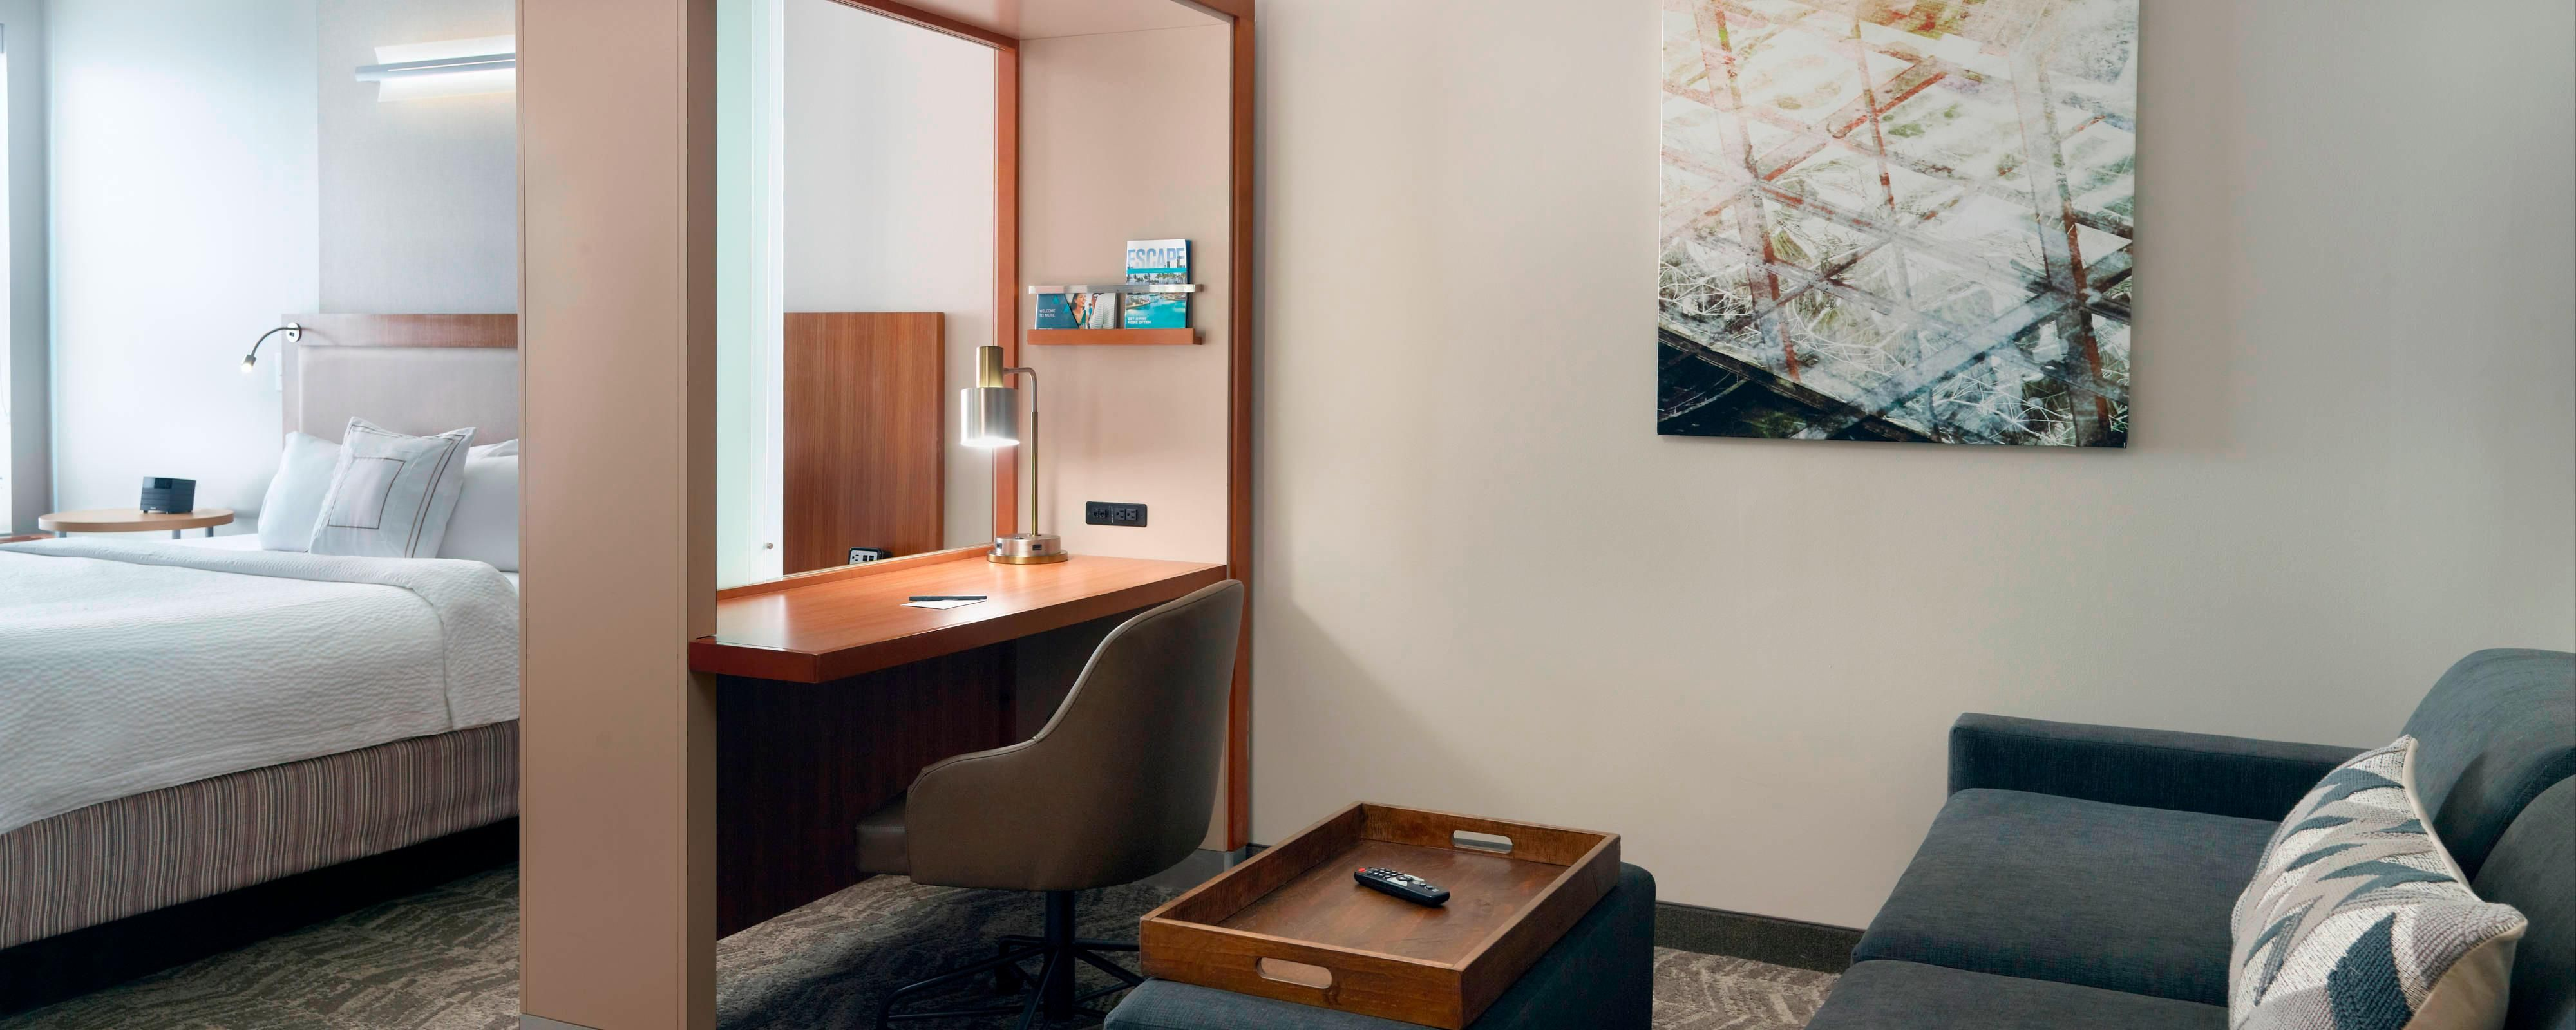 Reserve modern comfort at Springhill Suites Atlanta